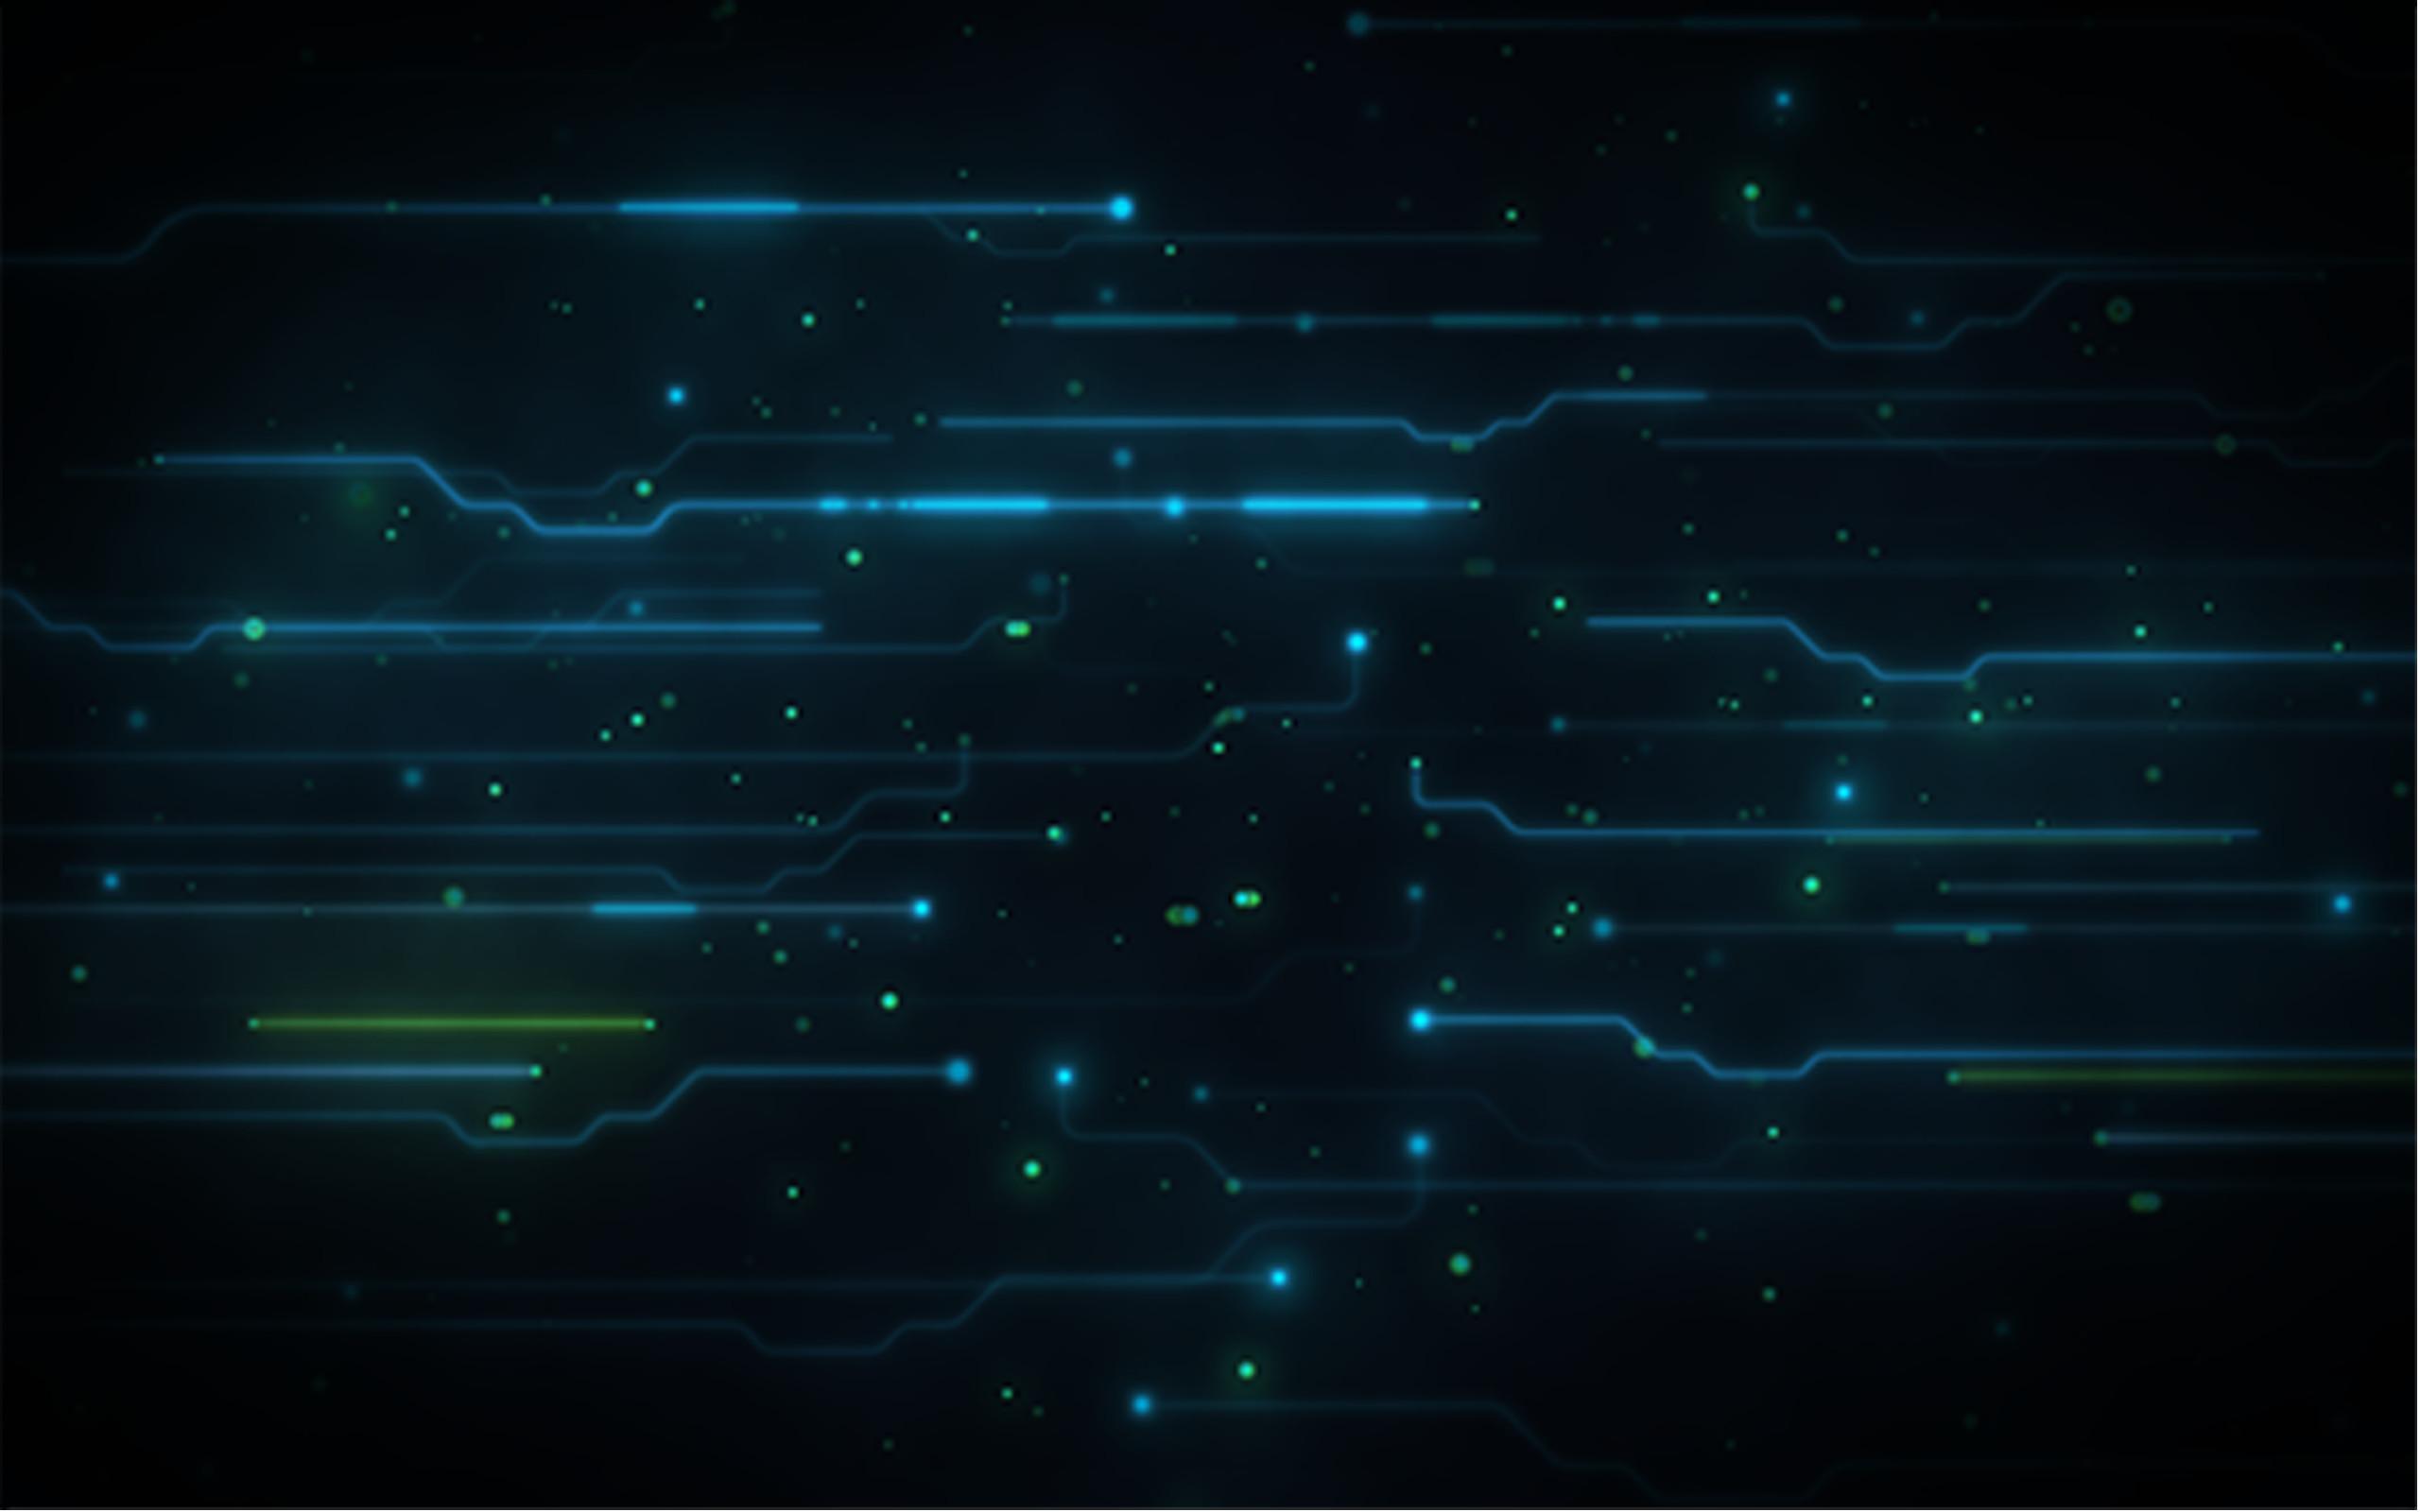 Hi Tech Wallpaper 1440 900 High Definition Wallpaper Background .